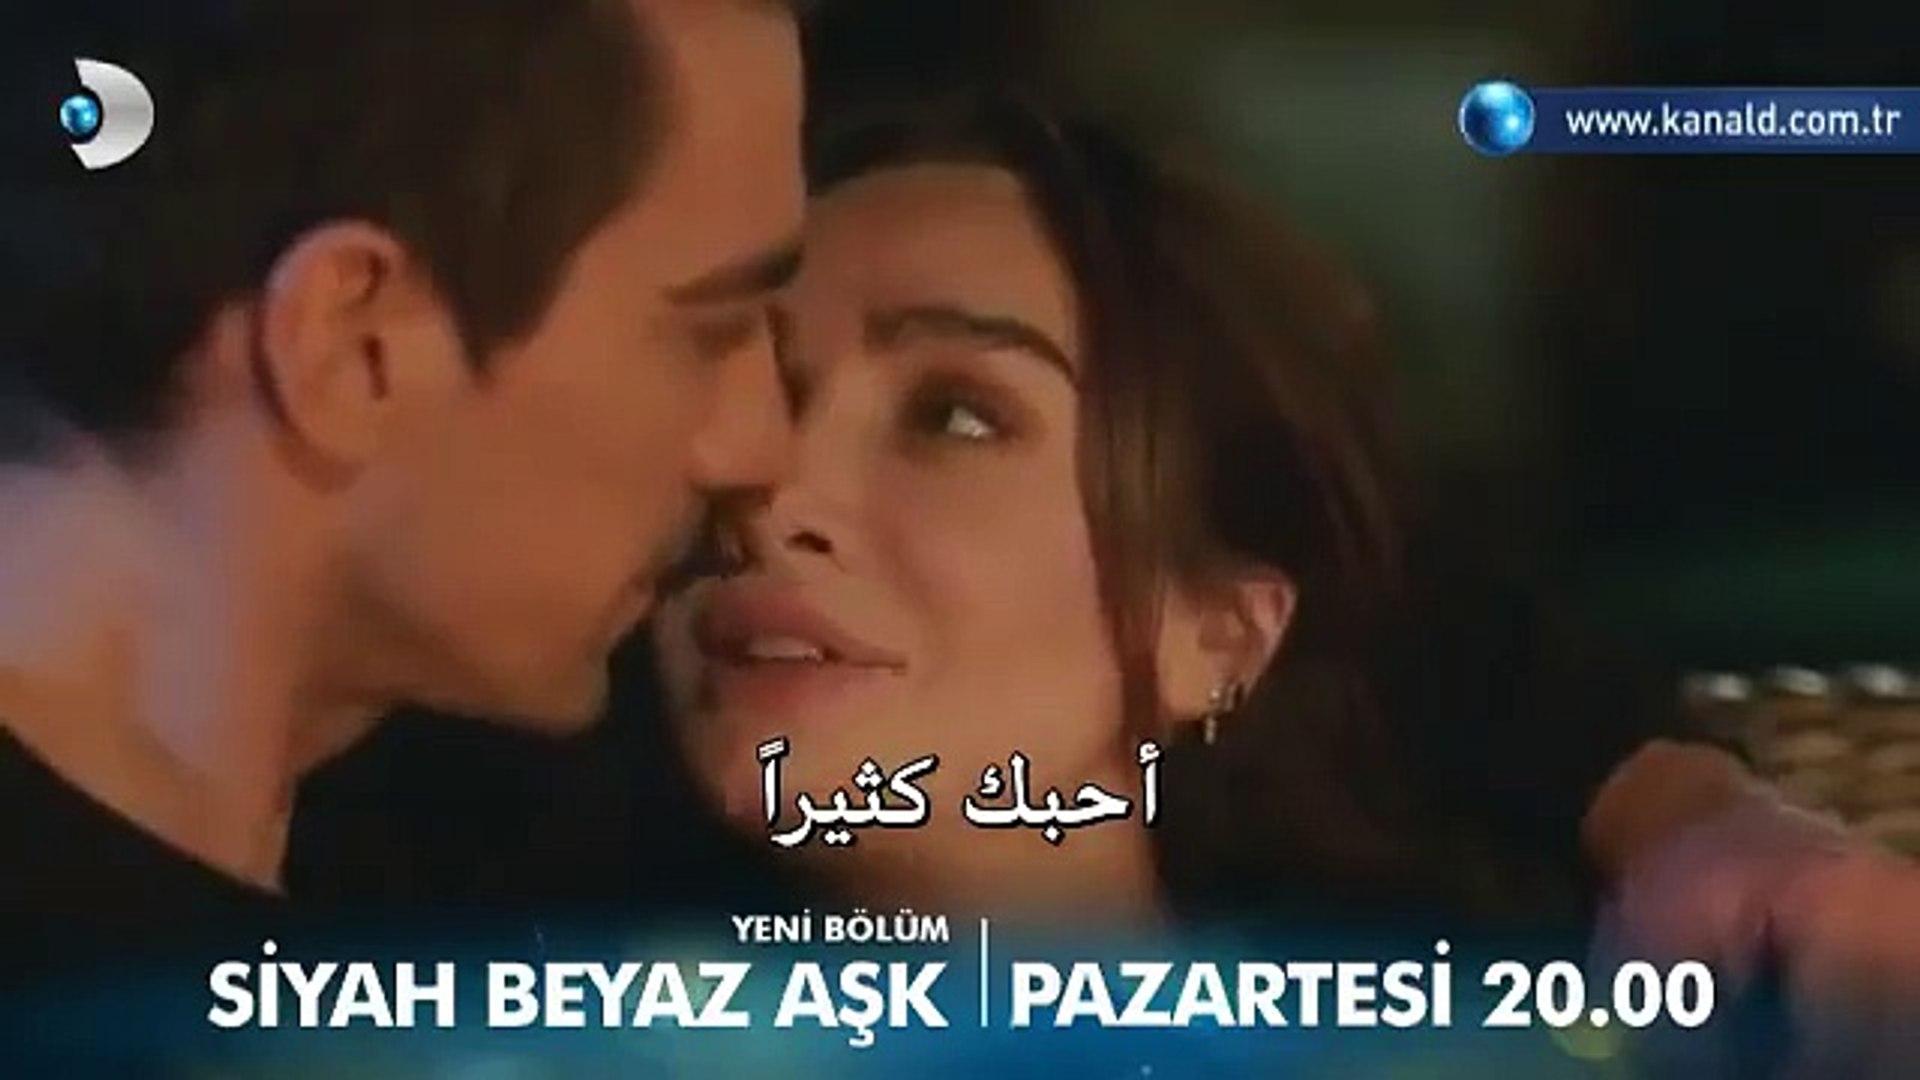 مسلسل حب ابيض اسود اعلان 2 الحلقة 18 مترجم للعربية فيديو Dailymotion